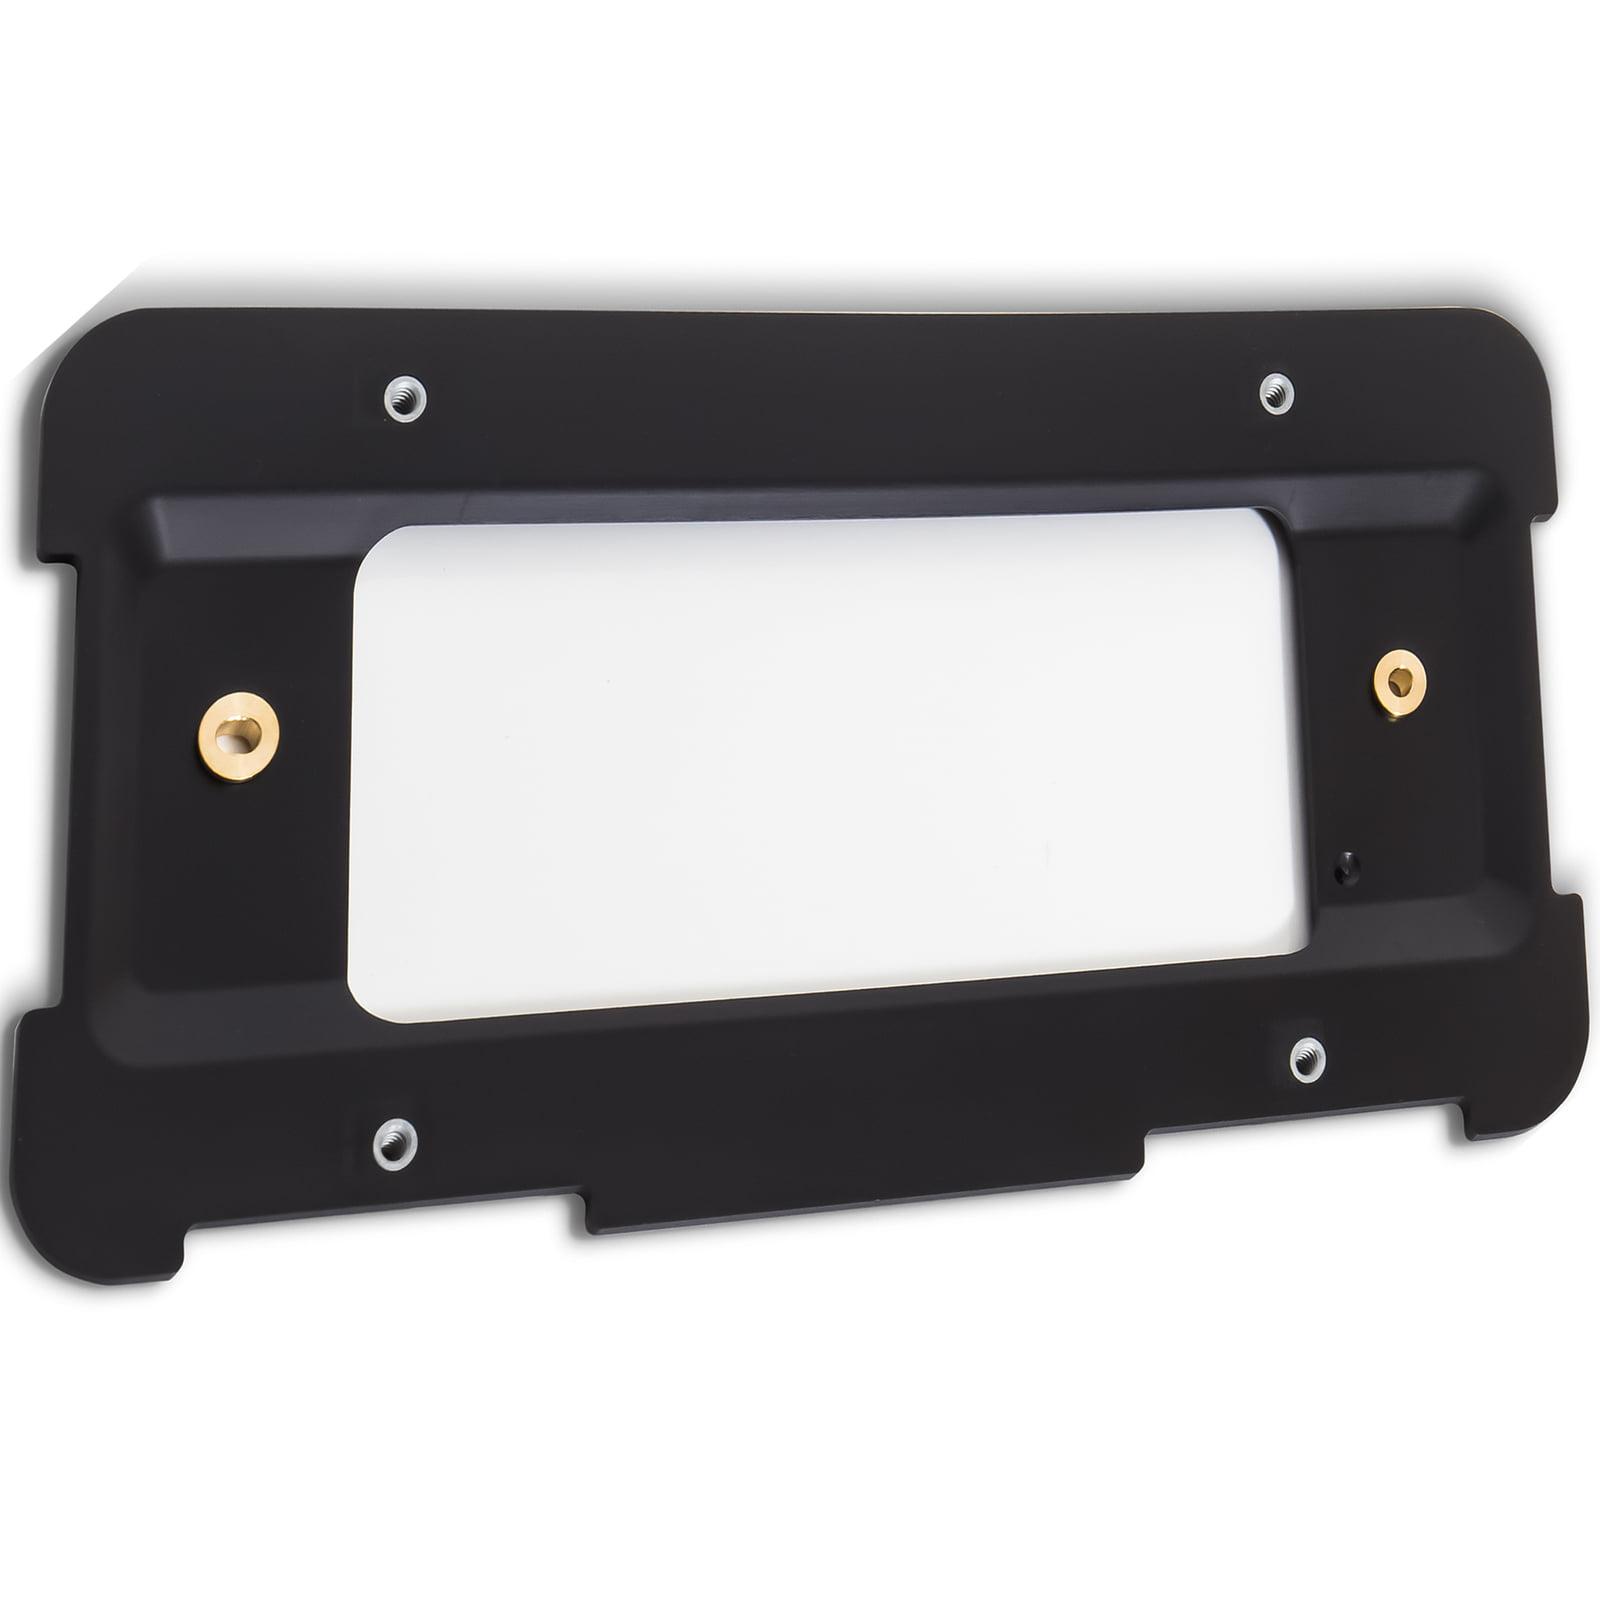 OxGord License Plate Frame Bracket Mount Holder